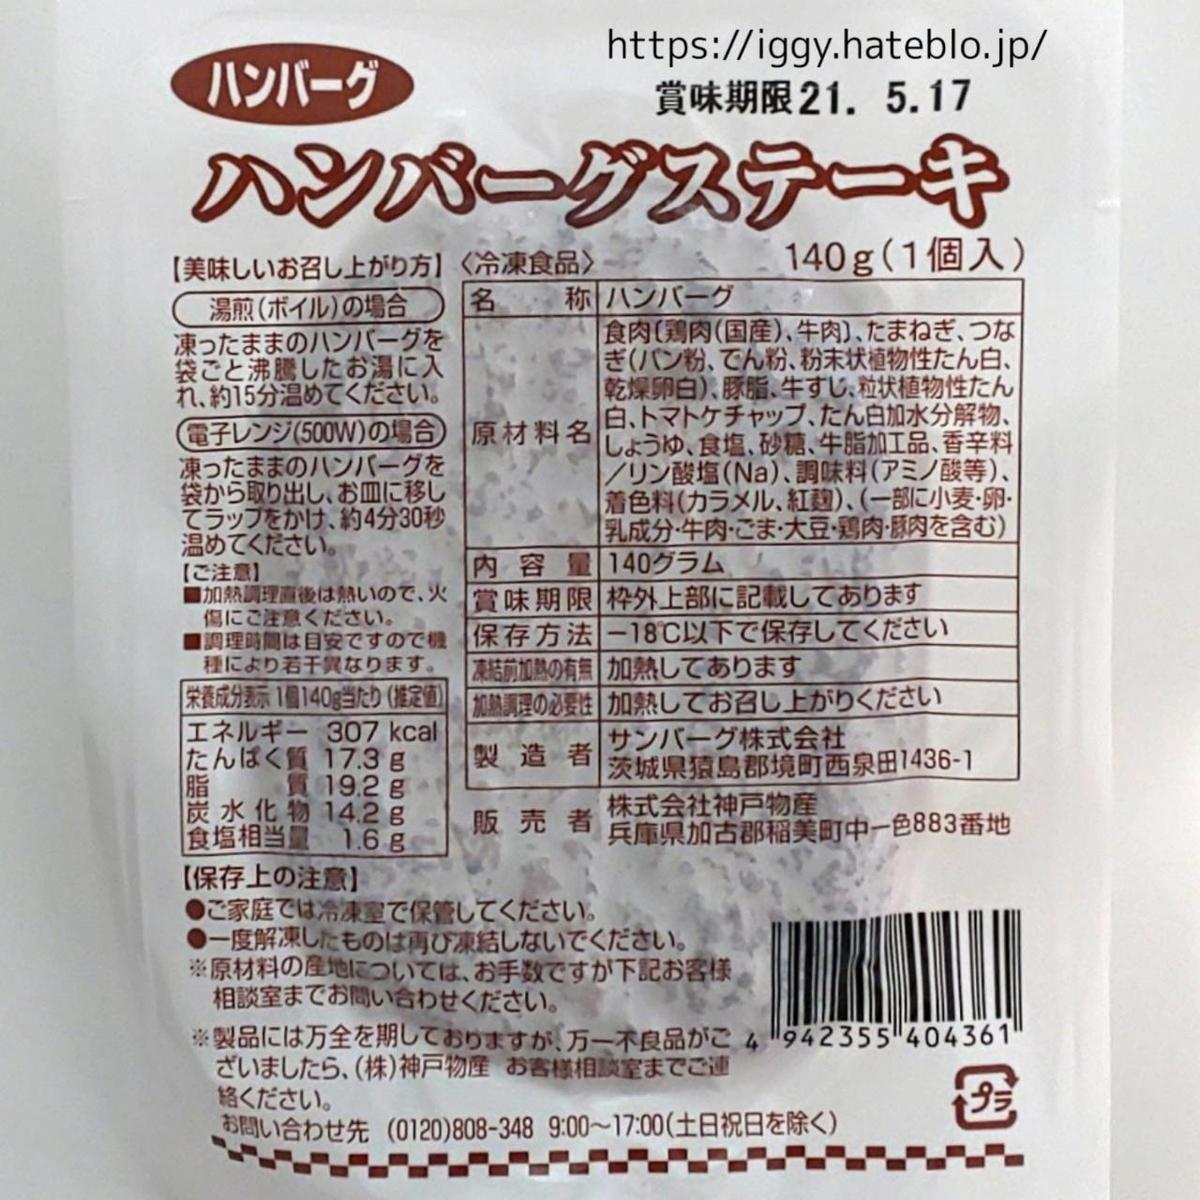 業務スーパー  冷凍食品 ハンバーグステーキ パッケージ表 LIFE